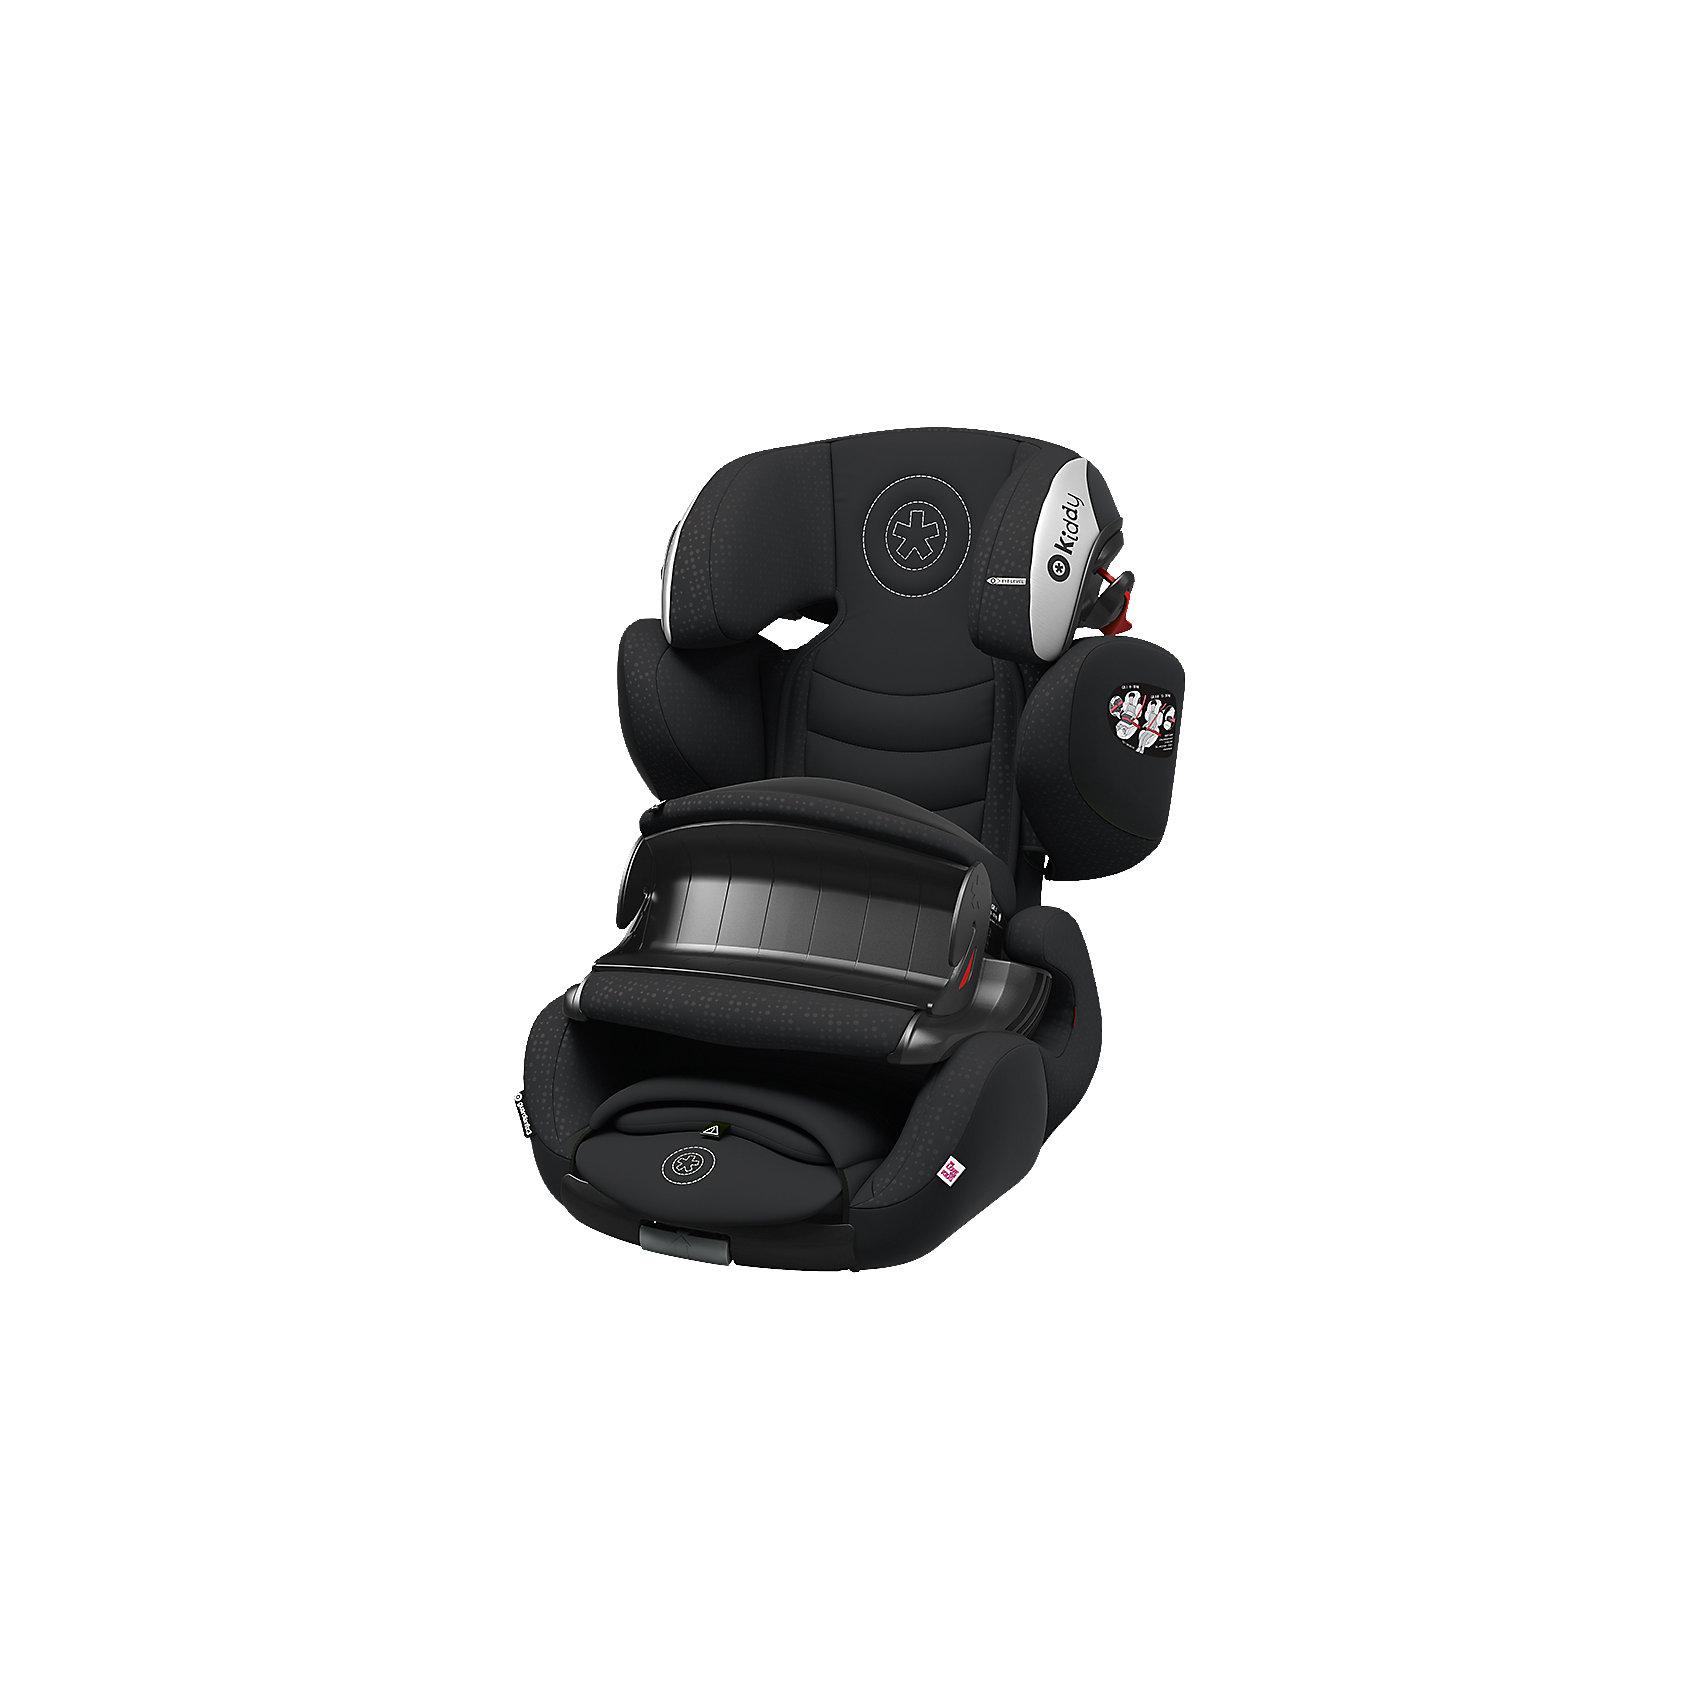 Автокресло Kiddy Guardianfix 3, 9-36кг., Onyx BlackГруппа 1-2-3 (От 9 до 36 кг)<br>Kiddy GuardianFix 3(Кидди Гардианфикс 3) – детское автомобильное кресло гр. 123 со столиком безопасности и свободной регулировкой по углу наклона, оснащено креплениями Isofix, подходит детям от 9 мес. до 12 лет (9-36 кг), ростом от 75 до 150 см. Характеристики этой модели обеспечивают ребенку комфорт в длительных поездках и повышенную безопасность в аварийных ситуациях.Для самых маленьких в гр. 1 предусмотрена фиксация с помощью столика безопасности. Характеристики: анатомическая форма кресла позволяет ребенку наслаждаться путешествиями с комфортом;<br>Ортопедический корпус из пластика повышенной прочности обеспечивает максимум безопасности;<br>Амортизирующие прослойки и форма корпуса помогают в правильном формировании осанки у ребенка;<br>Спинка автокресла регулируется по углу наклона благодаря плавающему креплению и выдвижным изофикс;<br>Регулируемый плечевой щит настраивается по росту с подголовником и фиксируется в одном из семи положений;<br>Направляющие в подголовнике отвечает за правильное размещение ремня автомобиля на плече и грудной клетке ребенка;<br>Дышащий материал сиденья впитывает влагу, устойчив к загрязнениям и препятствует впитыванию посторонних запахов;<br>Износостойкая отделка автокресла с вентилируемой спинкой при необходимости снимается для деликатной стирки.<br><br>Ширина мм: 710<br>Глубина мм: 500<br>Высота мм: 490<br>Вес г: 10250<br>Цвет: черный<br>Возраст от месяцев: 9<br>Возраст до месяцев: 144<br>Пол: Унисекс<br>Возраст: Детский<br>SKU: 5105430